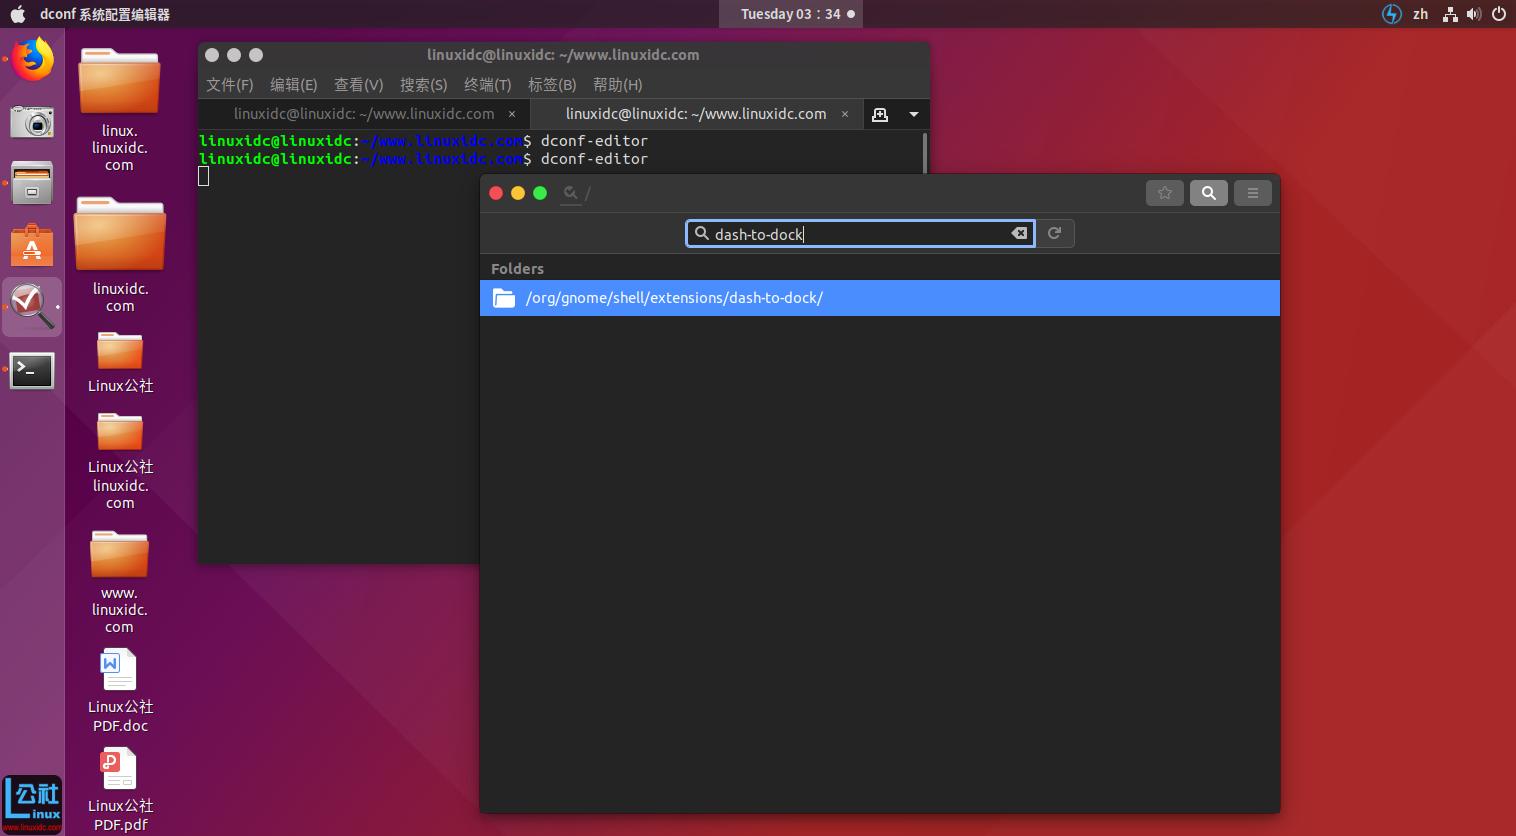 如何为Ubuntu Dock图标启用最小化点击功能